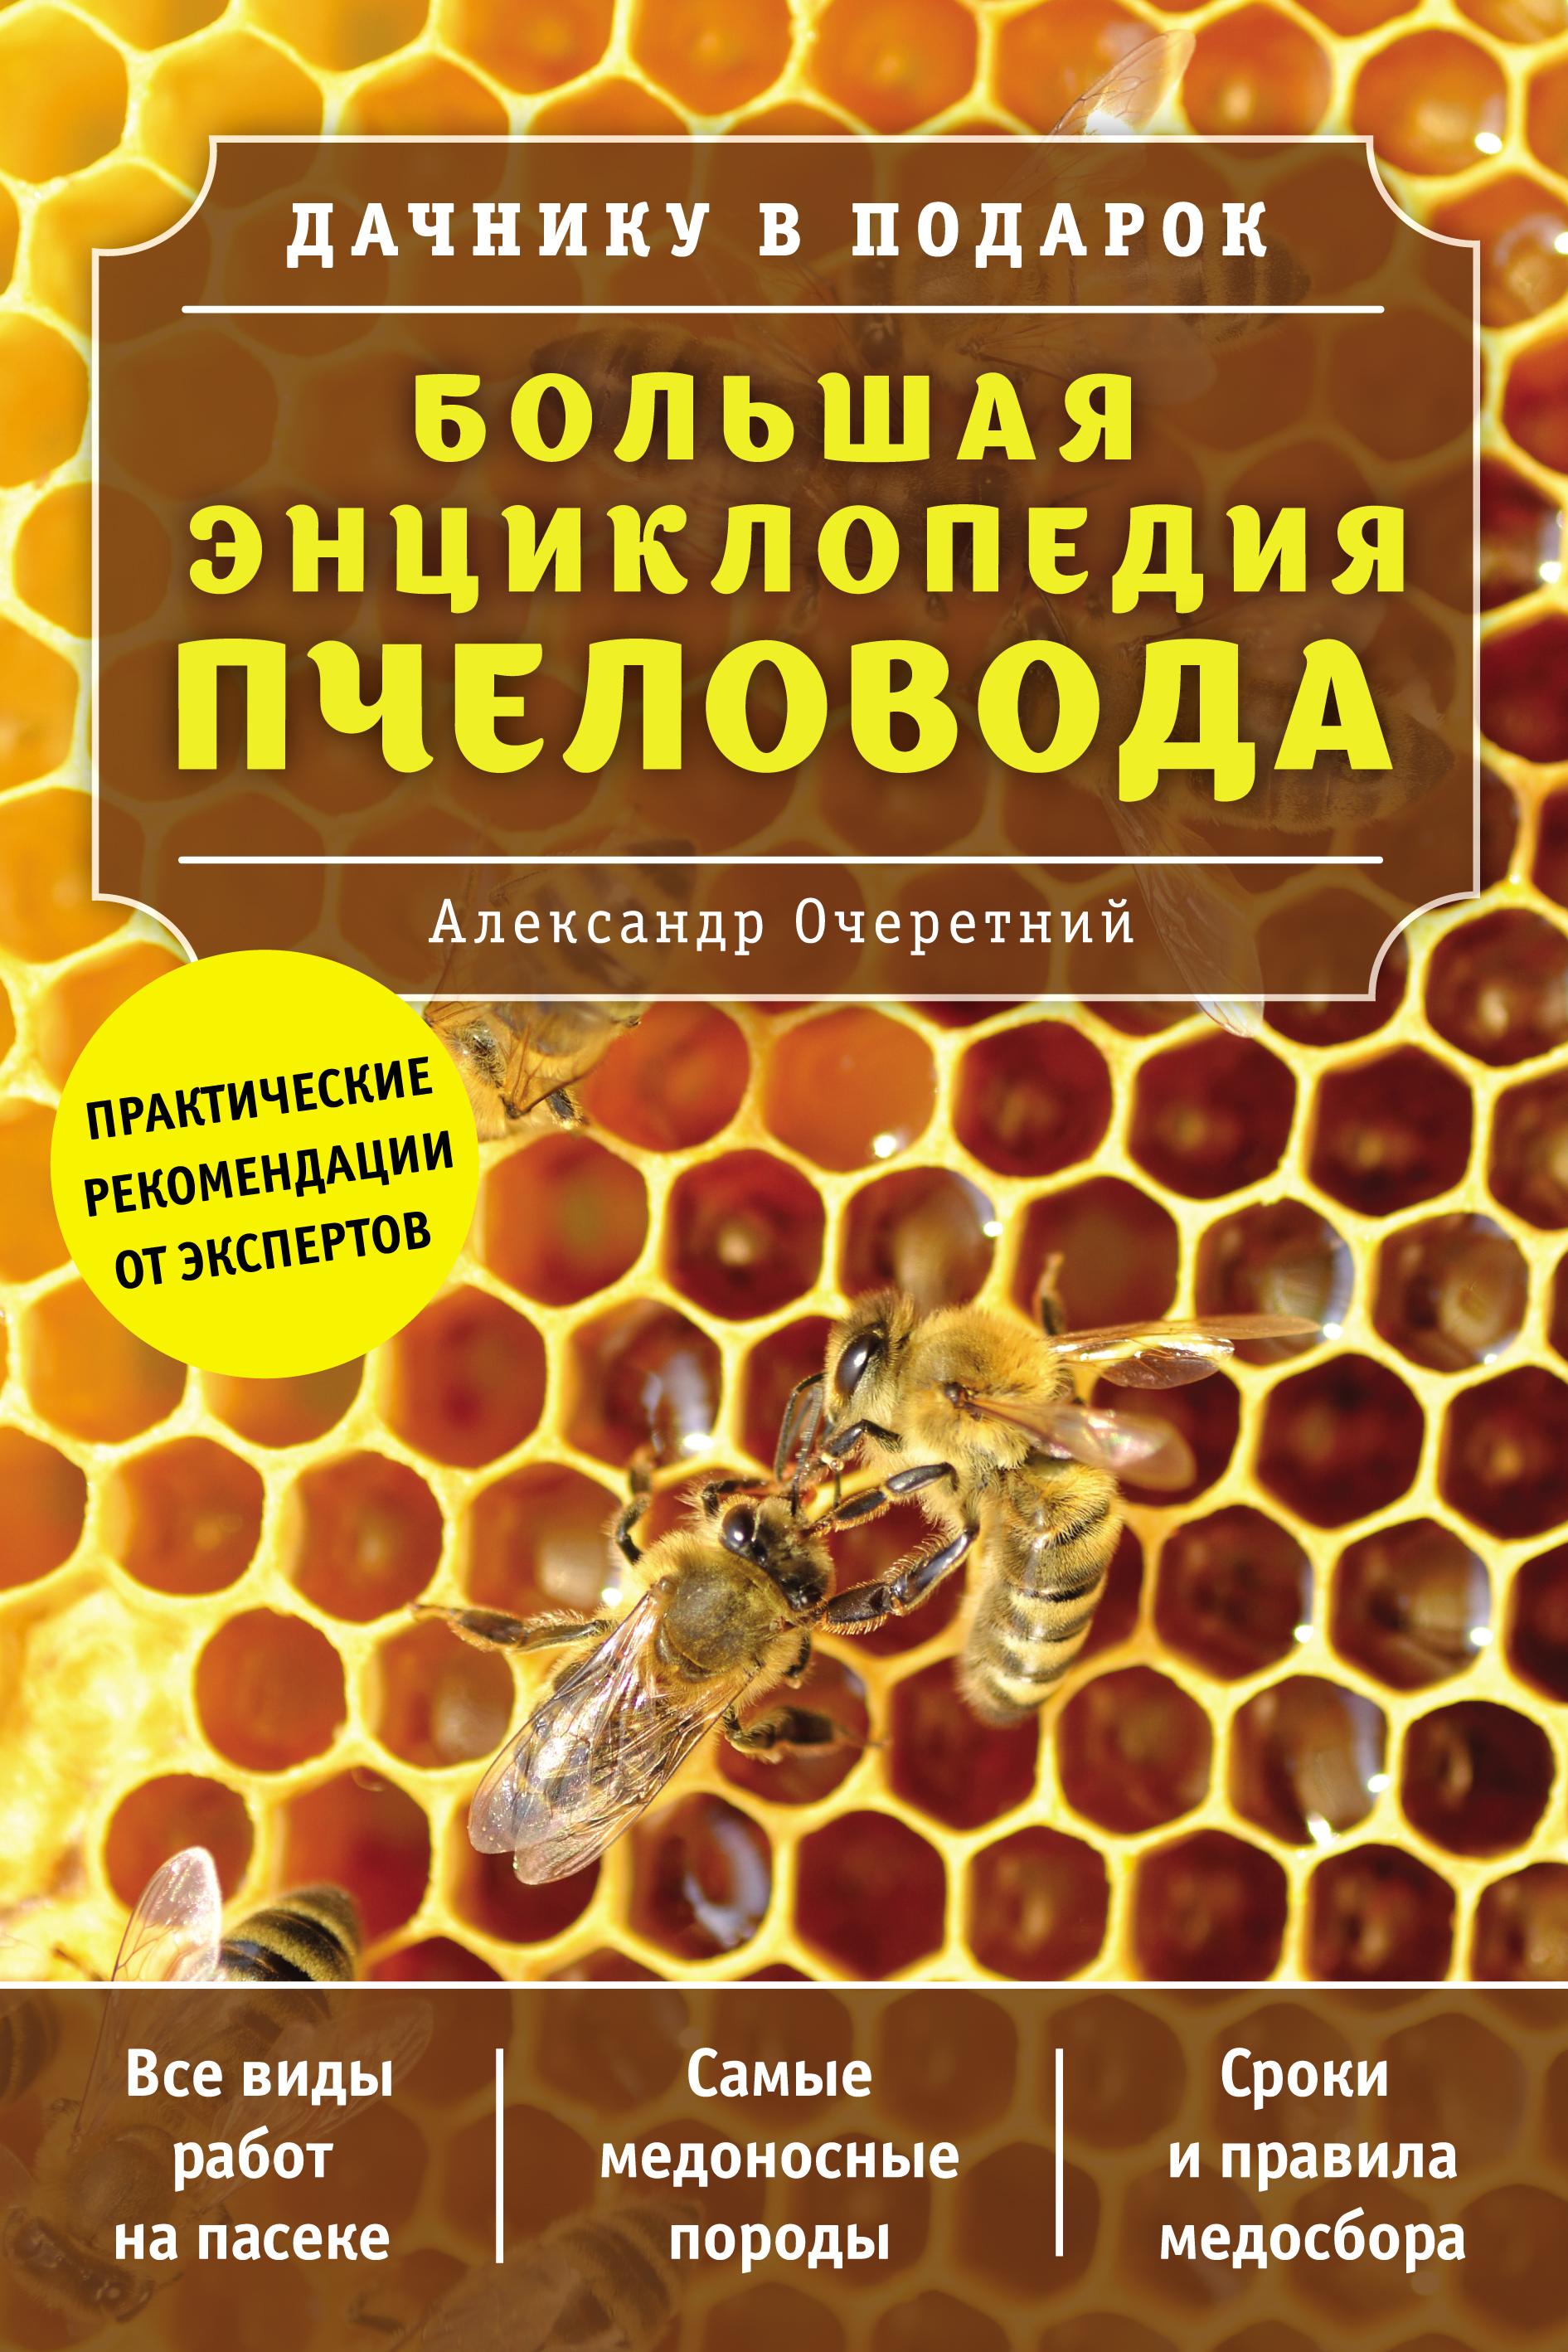 А. Д. Очеретний Большая энциклопедия пчеловода очеретний а большая энциклопедия пчеловода